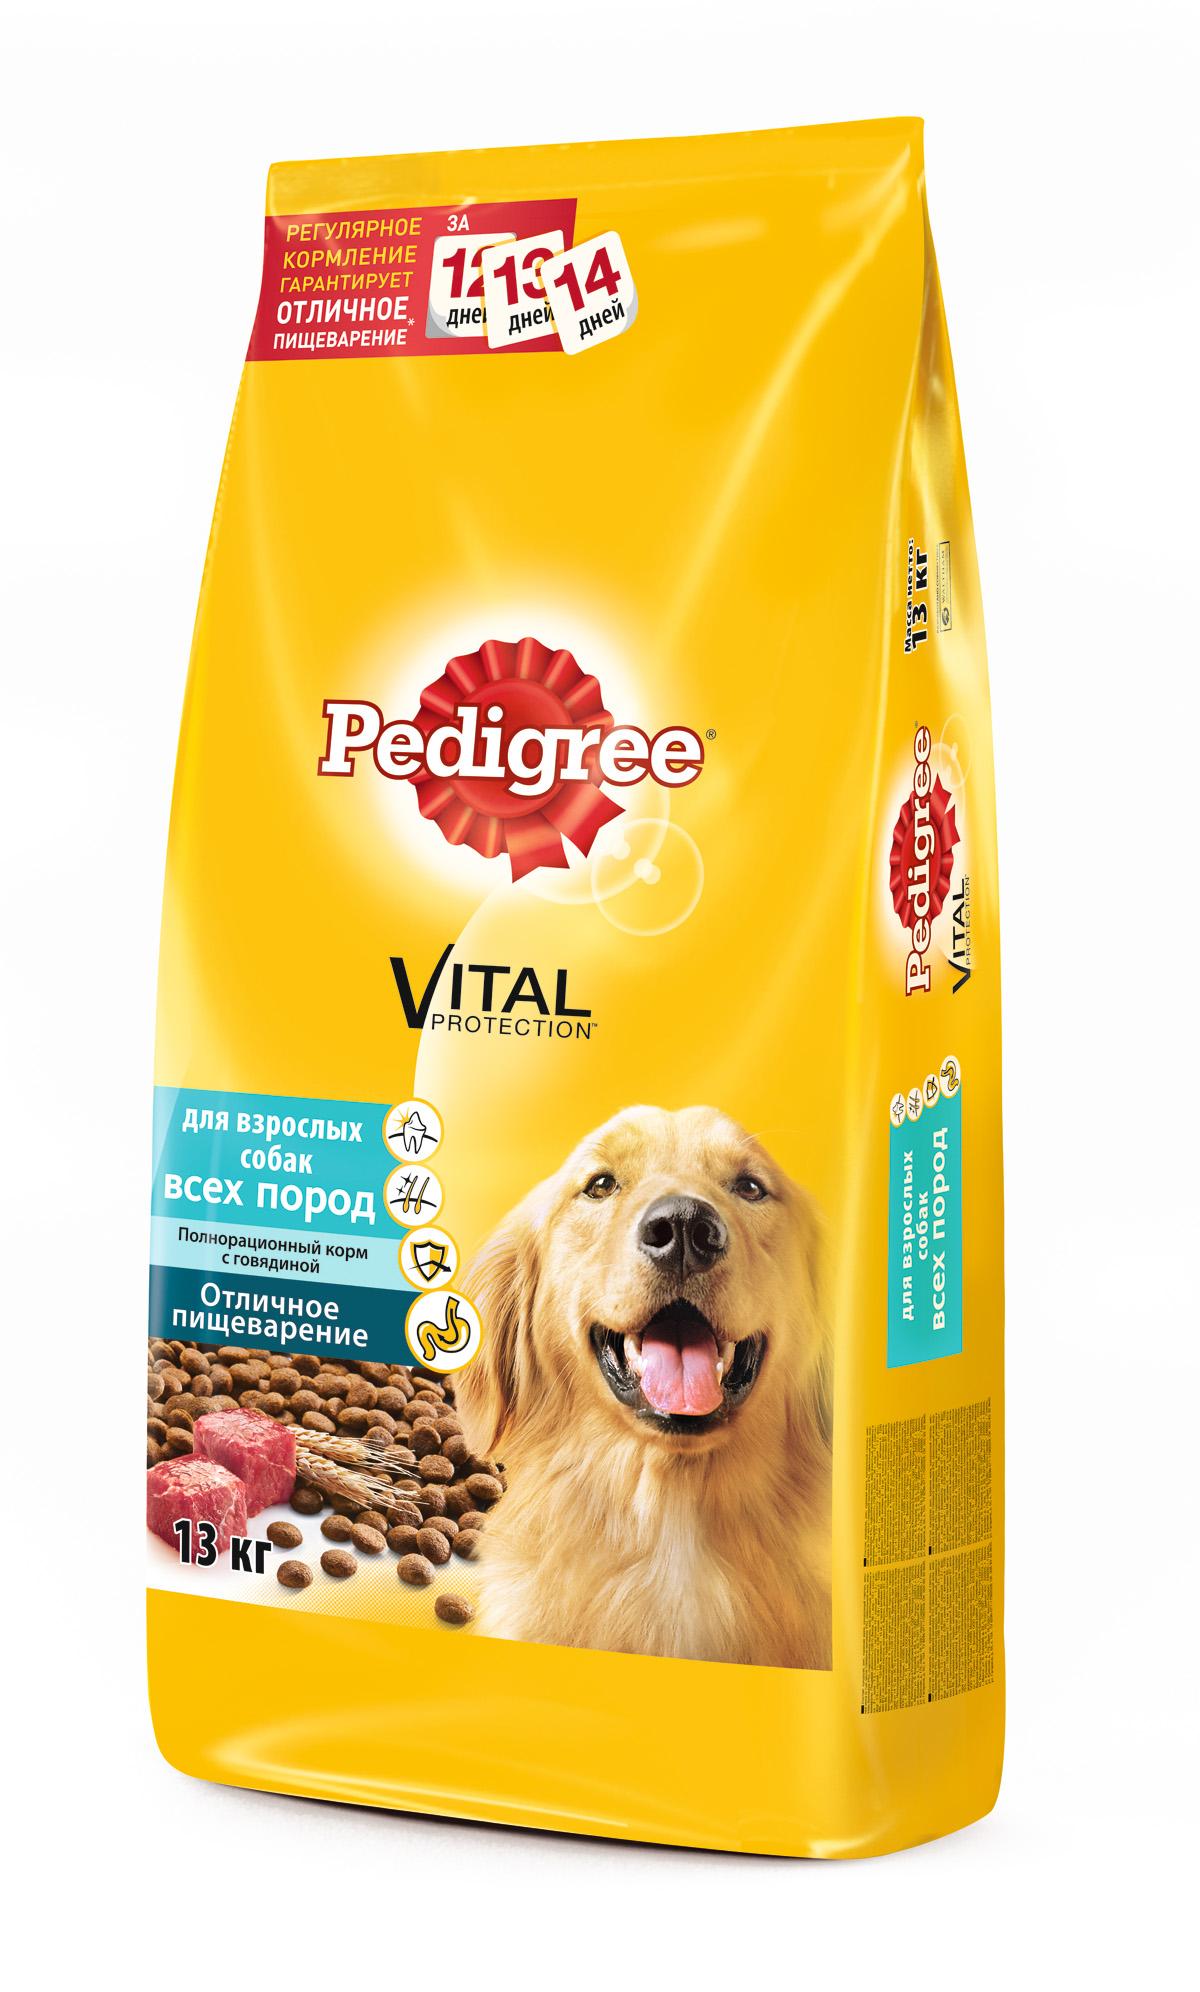 Корм сухой Pedigree для взрослых собак всех пород, с говядиной, 13 кг52118Сухой рацион Pedigree - это полезный и вкусный корм, приготовленный по специальным рецептам с учетом физиологических потребностей собак.Особенности сухого корма Pedigree:оптимальный уровень кальция способствует укреплению зубов;ланолевая кислота, цинк и витамины группы В необходимы для здоровья кожи и шерсти;витамин Е и цинк поддерживают иммунную систему;высокоусвояемые ингредиенты и клетчатка обеспечивают оптимальное пищеварение. Состав: кукуруза, рис, куриная мука, кукурузный глютен, мясная мука (в том числе говядина минимум 4%), свекольный жом, морковь (минимум 4%), подсолнечное масло, жир животный, витамины и минералы.Пищевая ценность в 100 г: белки - 22 г, жиры - 11 г, зола - 7 г, клетчатка - 5 г, влажность - не более 10 г, кальций - 1,0 г, фосфор - 0,9 г, натрий - 0,3 г, калий - 0,58 г, магний - 0,1 г, цинк - 18 мг, медь - 1,5 мг, витамин А - 1500 МЕ, витамин Е - 30 мг, витамин D3 - 120 МЕ, а также витамины В2, В4, В5, В12, ниацин, омега-6, омега-3, полиненасыщенные жирные кислоты. Энергетическая ценность в 100 г: 355 ккал.Вес: 13 кг.Товар сертифицирован.